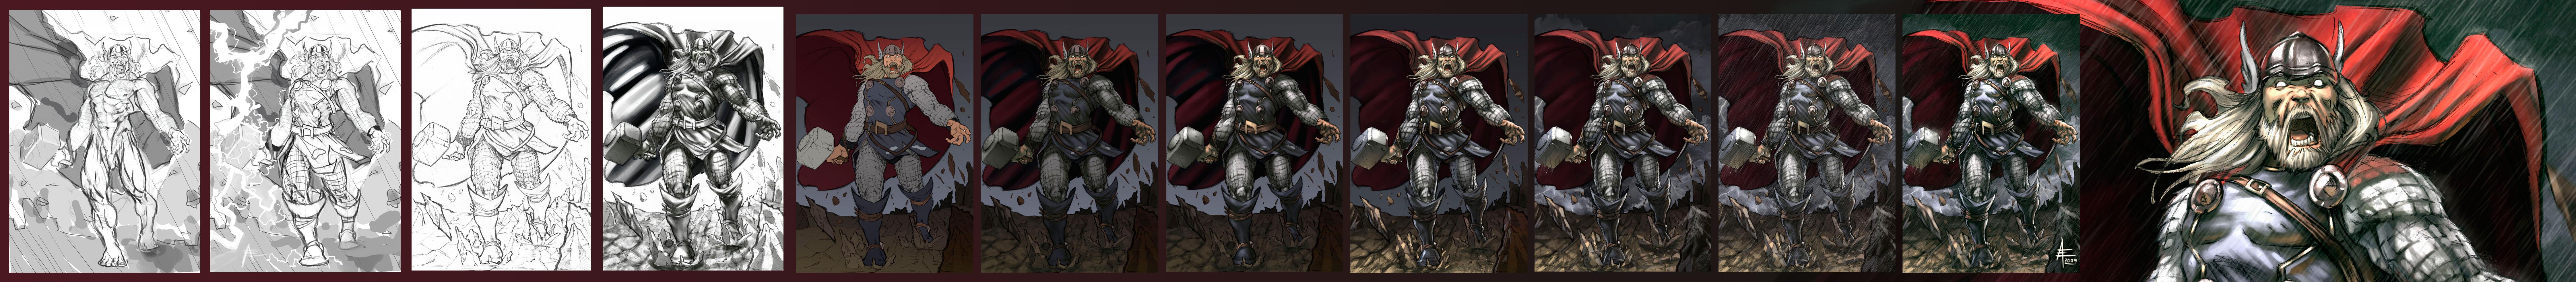 Mighty Thor Walkthrough by xavor85